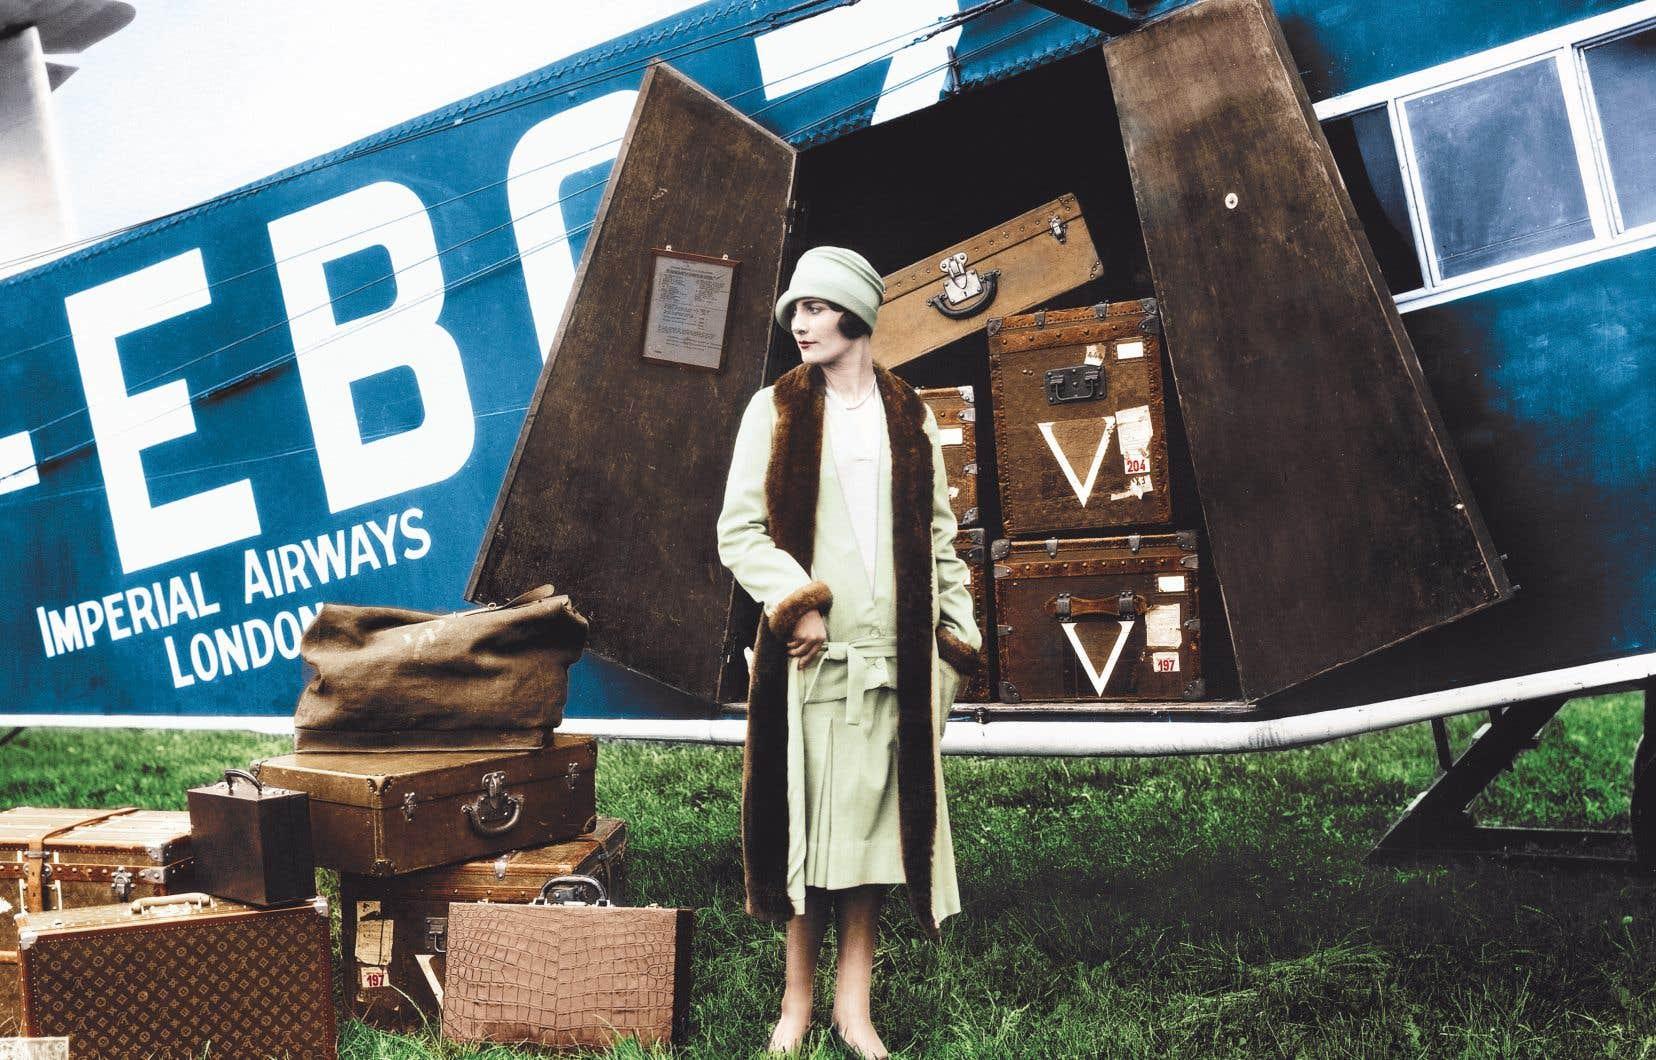 Le Voyage en avion, Thérèse Bonney, vers 1927